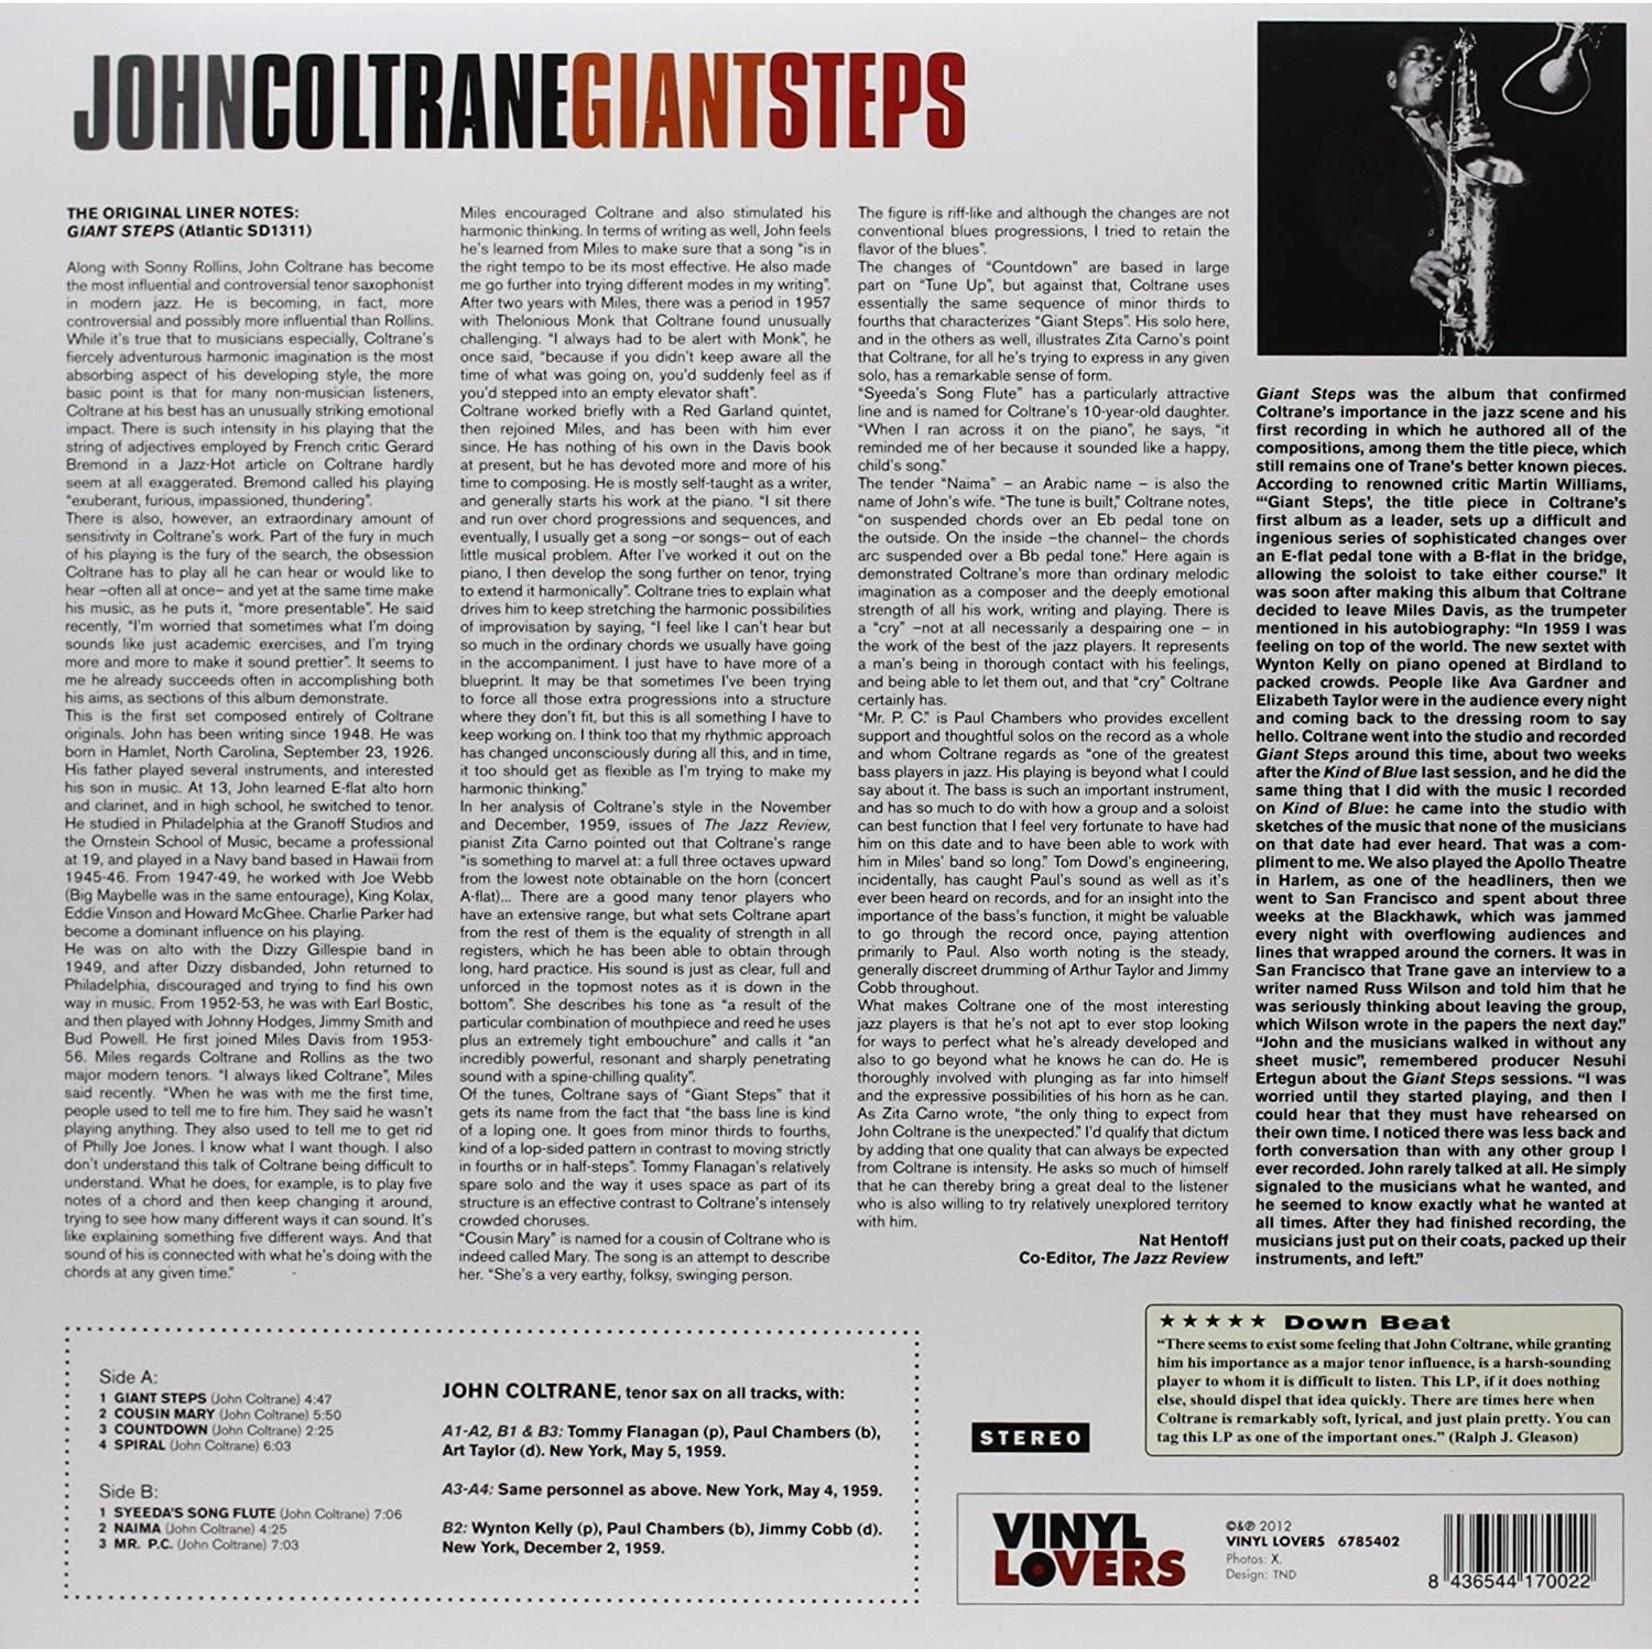 JOHN COLTRANE GIANT STEPS - 180 GRAM